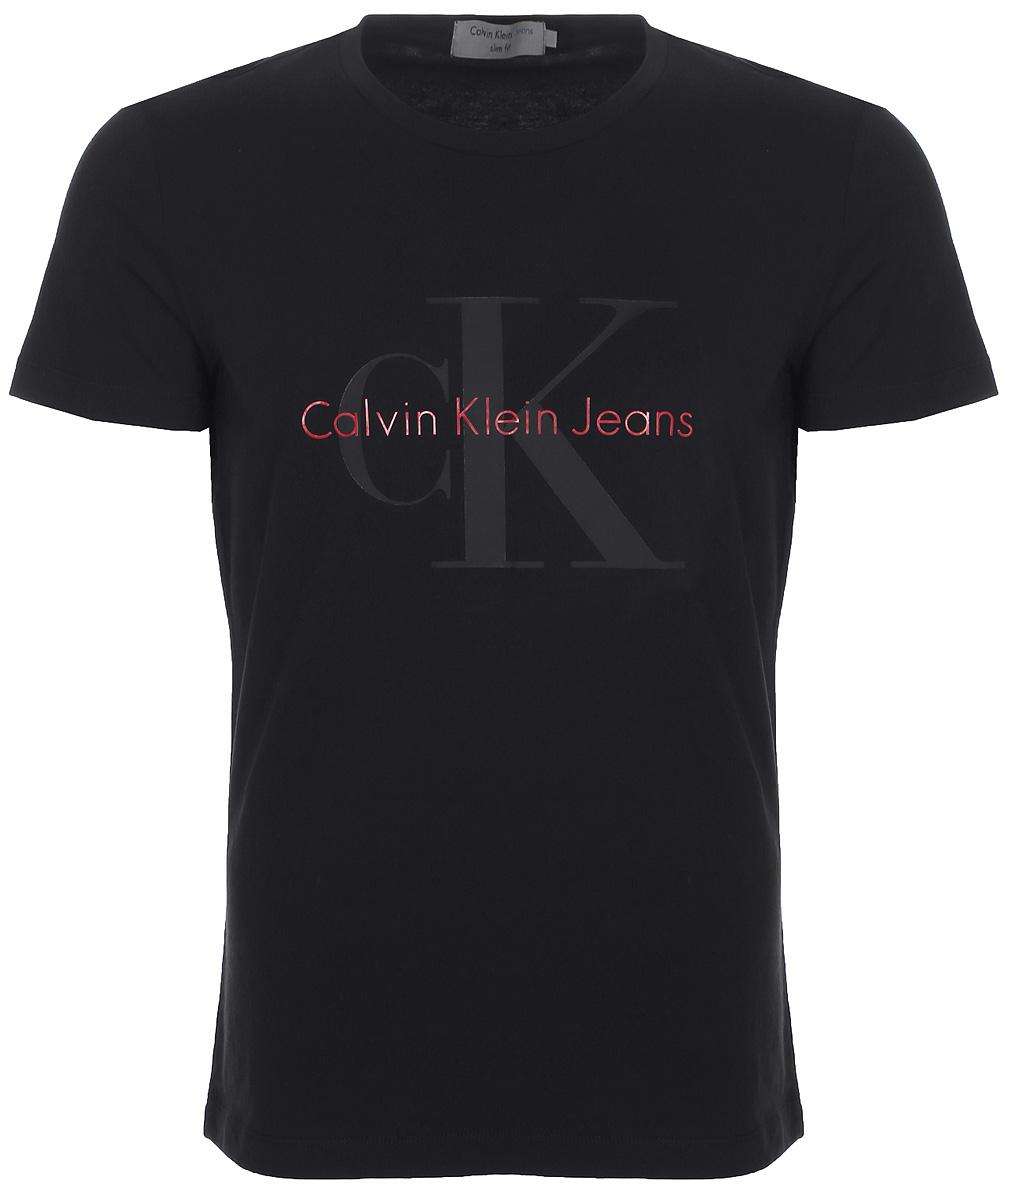 Футболка мужская Calvin Klein Jeans, цвет: черный. J30J306884_0990. Размер XXL (52/54) куртка мужская calvin klein jeans цвет синий j30j305551 4020 размер xxl 52 54